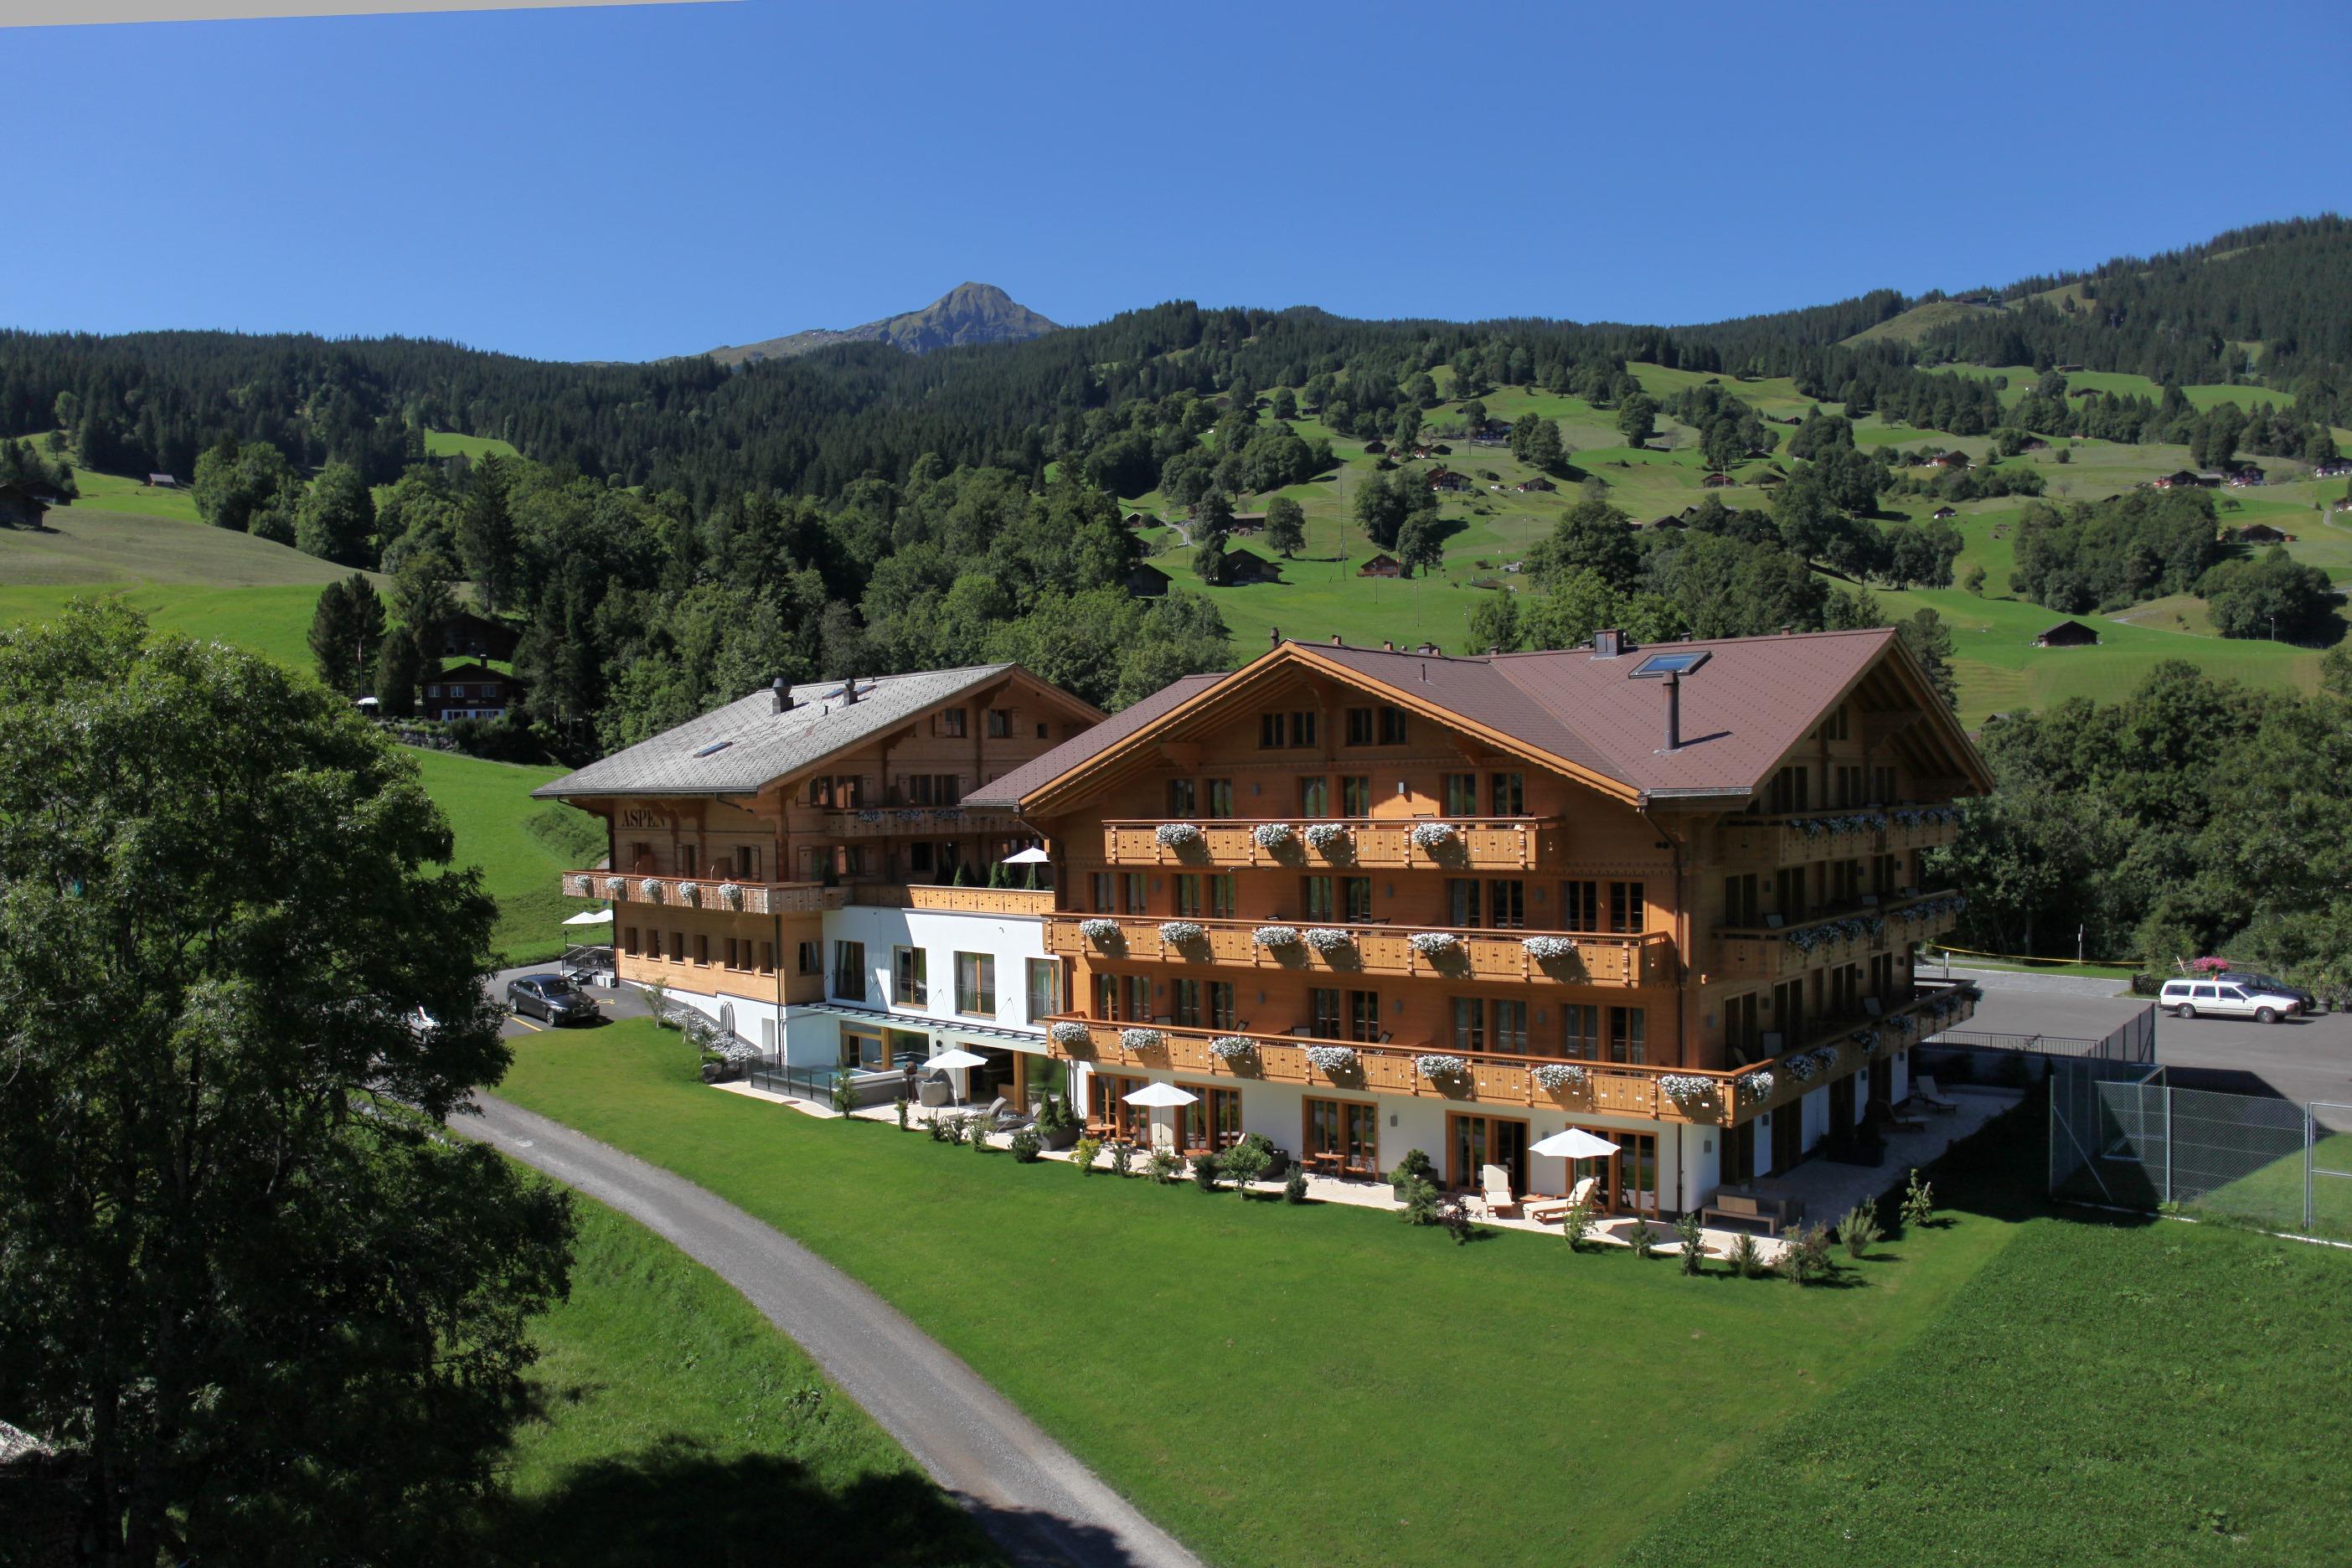 Swisshoteldatach Swiss Hotel Directory - Hotel alpina grindelwald